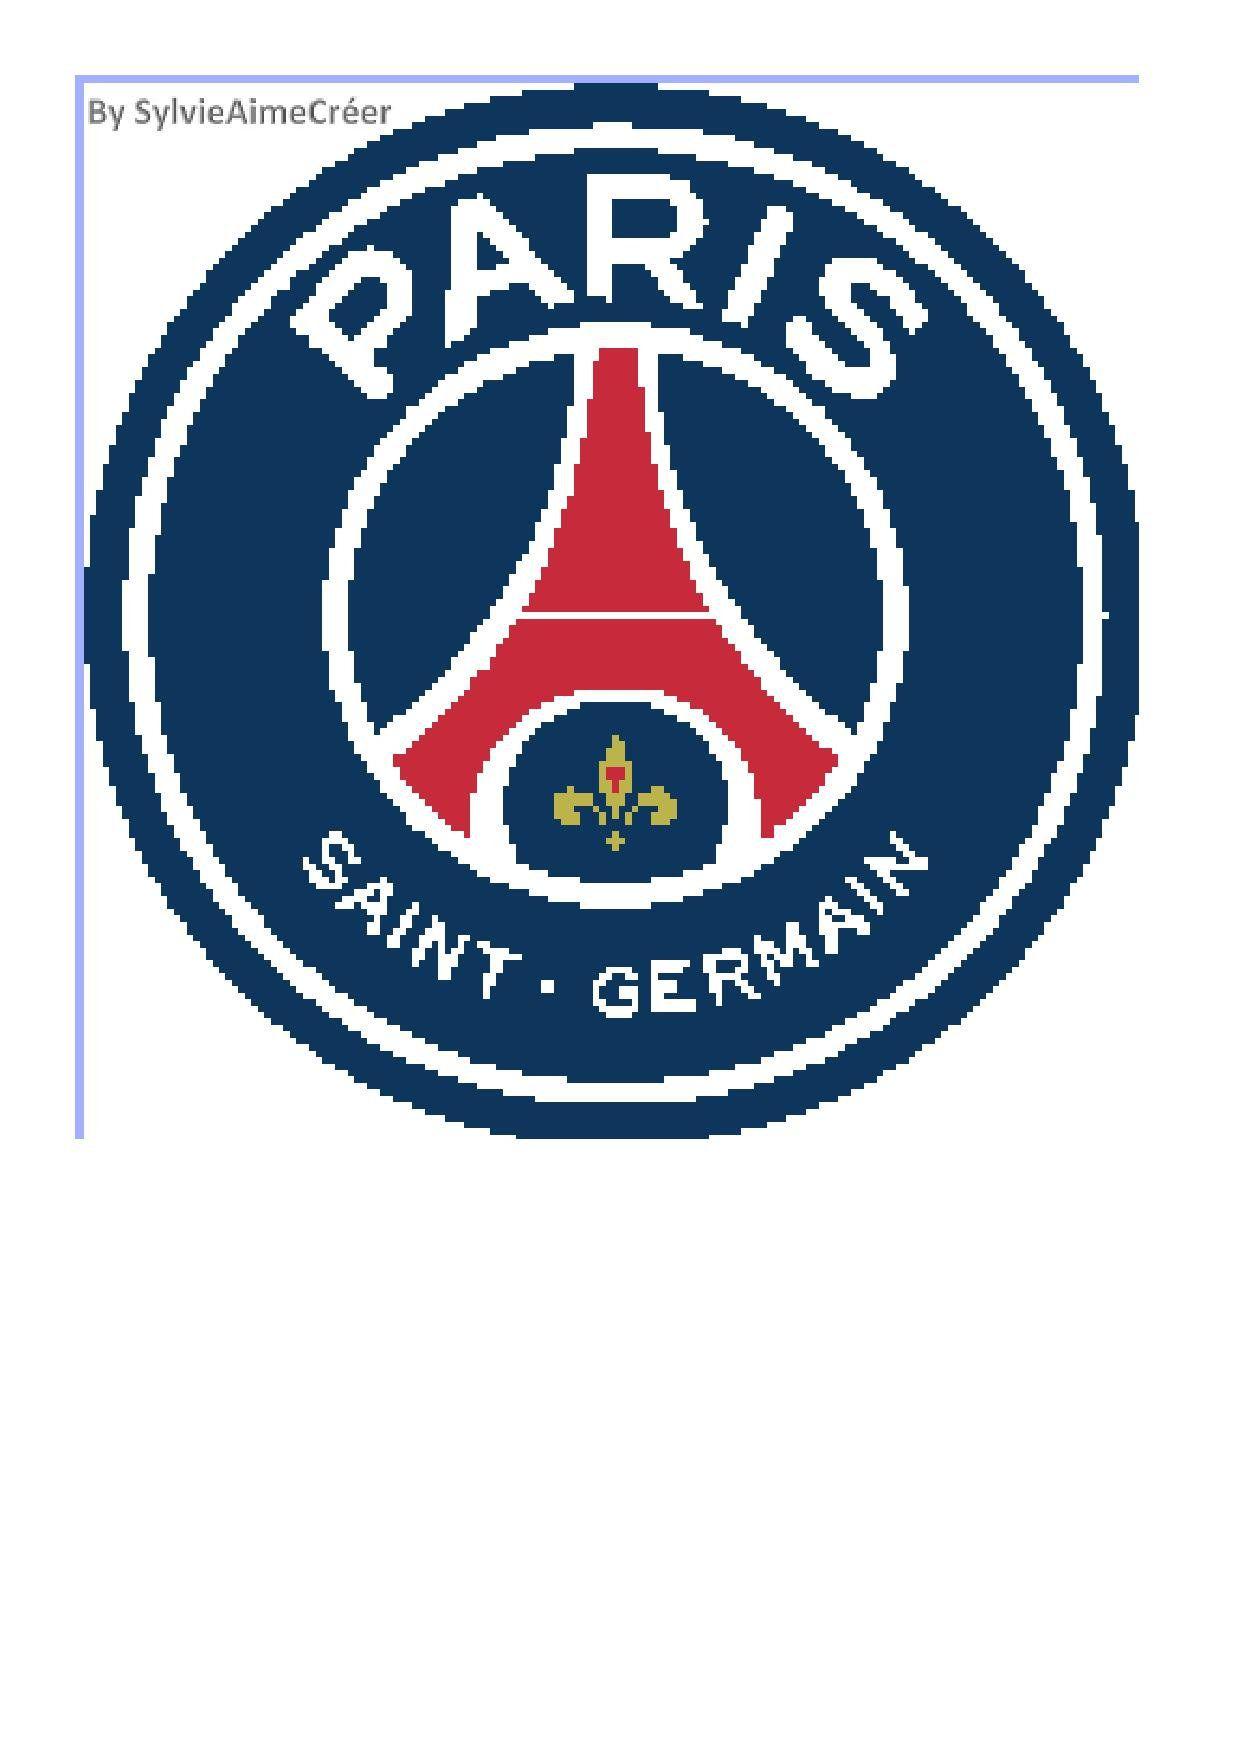 Grille Point De Croix Cross Stitch Pattern Psg Football De La Boutique Sylvieaimecreer Sur Etsy In 2020 Psg Chicago Cubs Logo European Football